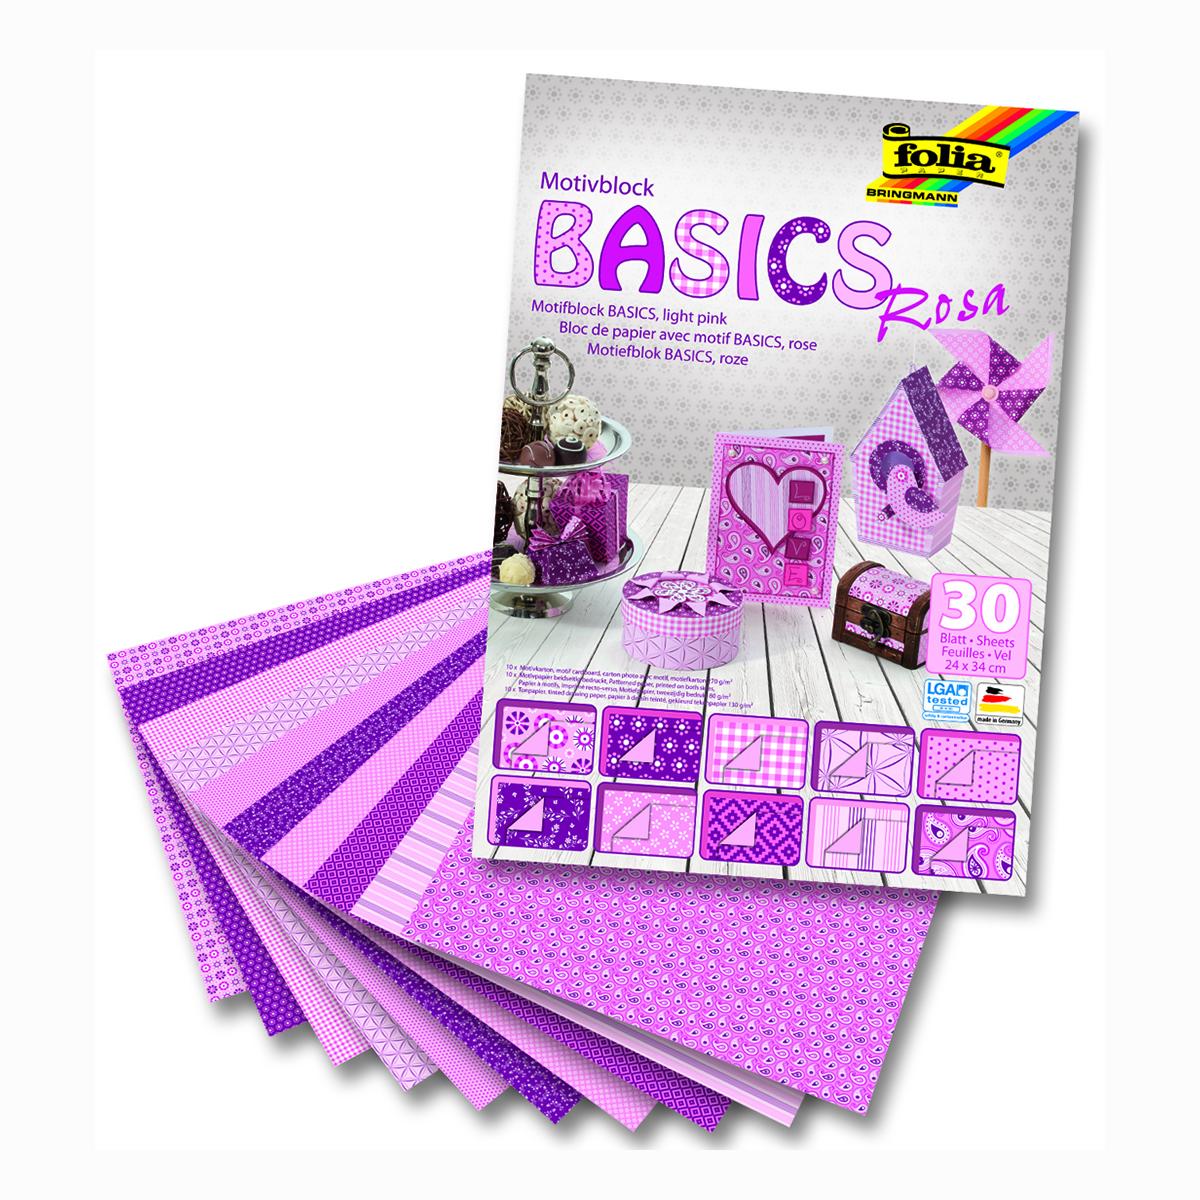 Набор дизайнерского картона Folia Базовый, цвет: розовый, 24 х 34 см, 30 листов7714355Набор дизайнерского картона Folia позволит создать красивый альбом, фоторамку или открытку ручной работы, оформить подарок или аппликацию. Скрапбукинг - это хобби, которое способно приносить массу приятных эмоций не только человеку, который этим занимается, но и его близким, друзьям, родным. Это невероятно увлекательное занятие, которое поможет вам сохранить наиболее памятные и яркие моменты вашей жизни, а также интересно оформить интерьер дома. Размер картона: 24 х 34 см.